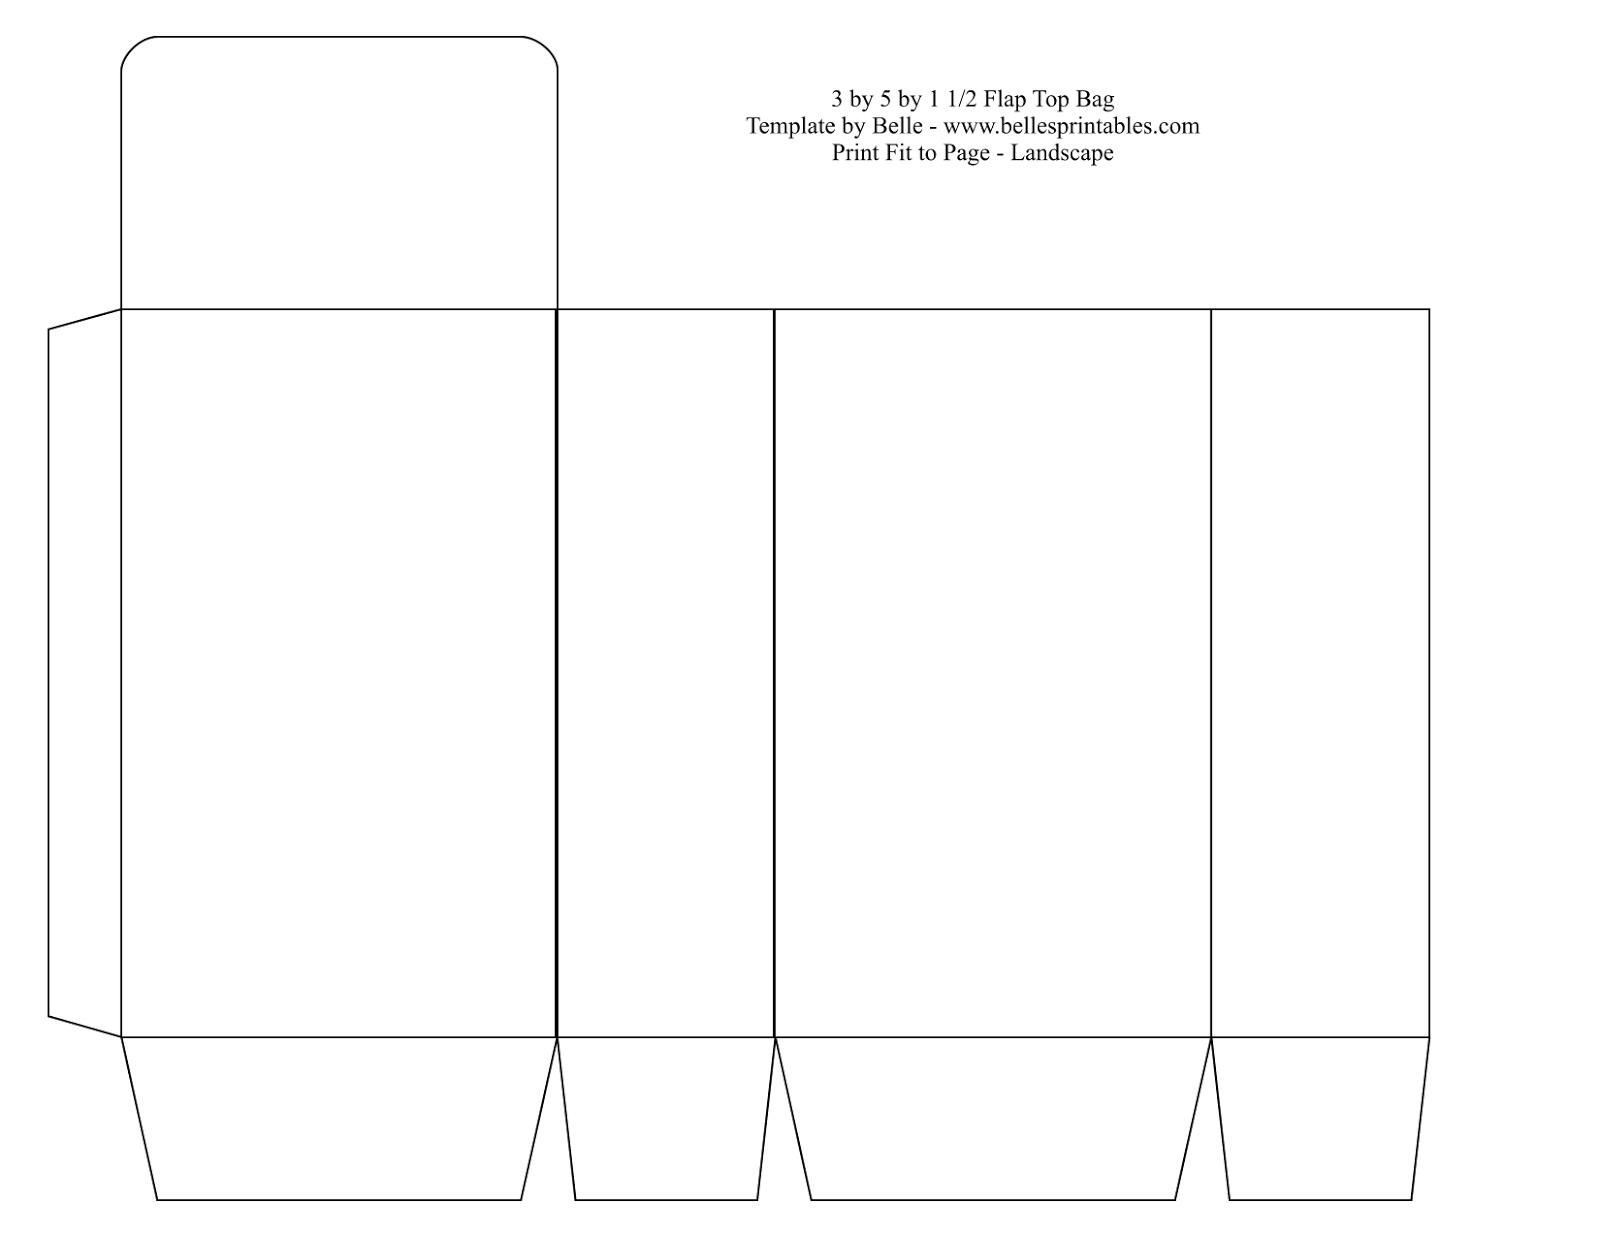 Tote bag template illustrator - Paper Bag Template Bag Tools Images Bag Template Samples